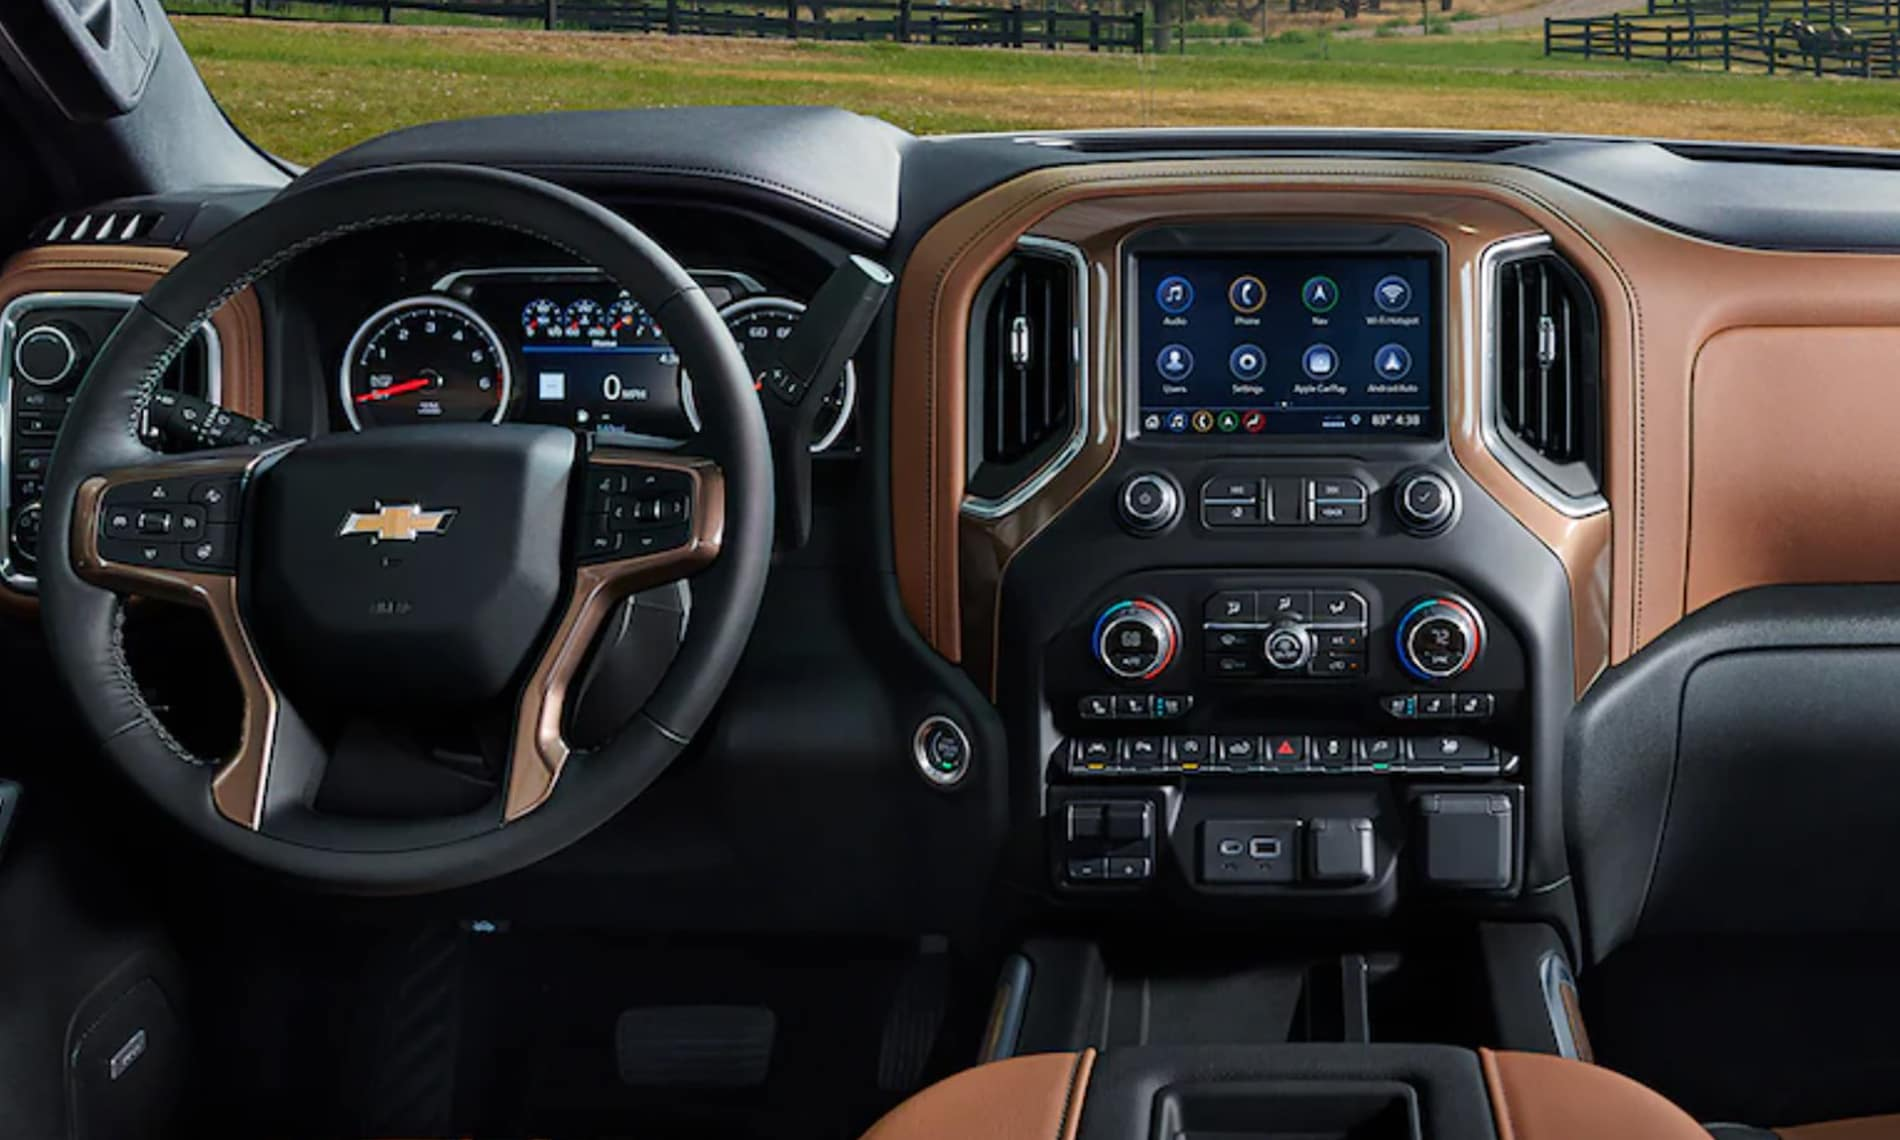 2021 Chevrolet Silverado 1500 in St. Louis